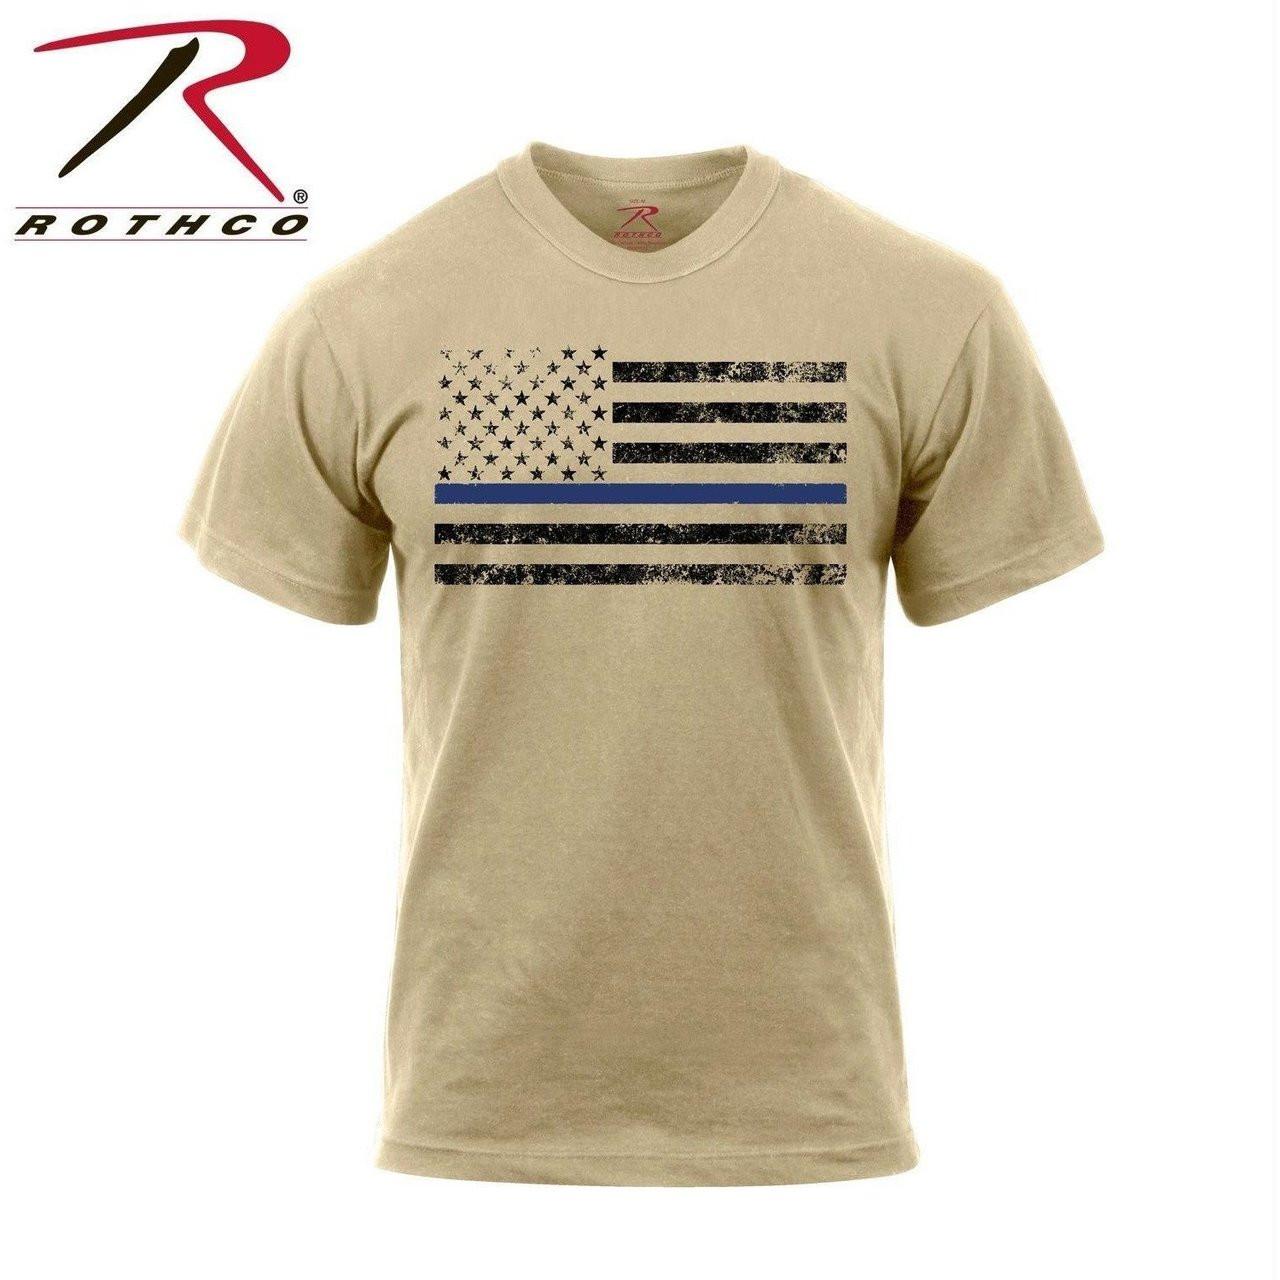 1d0d176f827f Rothco Thin Blue Line T-Shirt